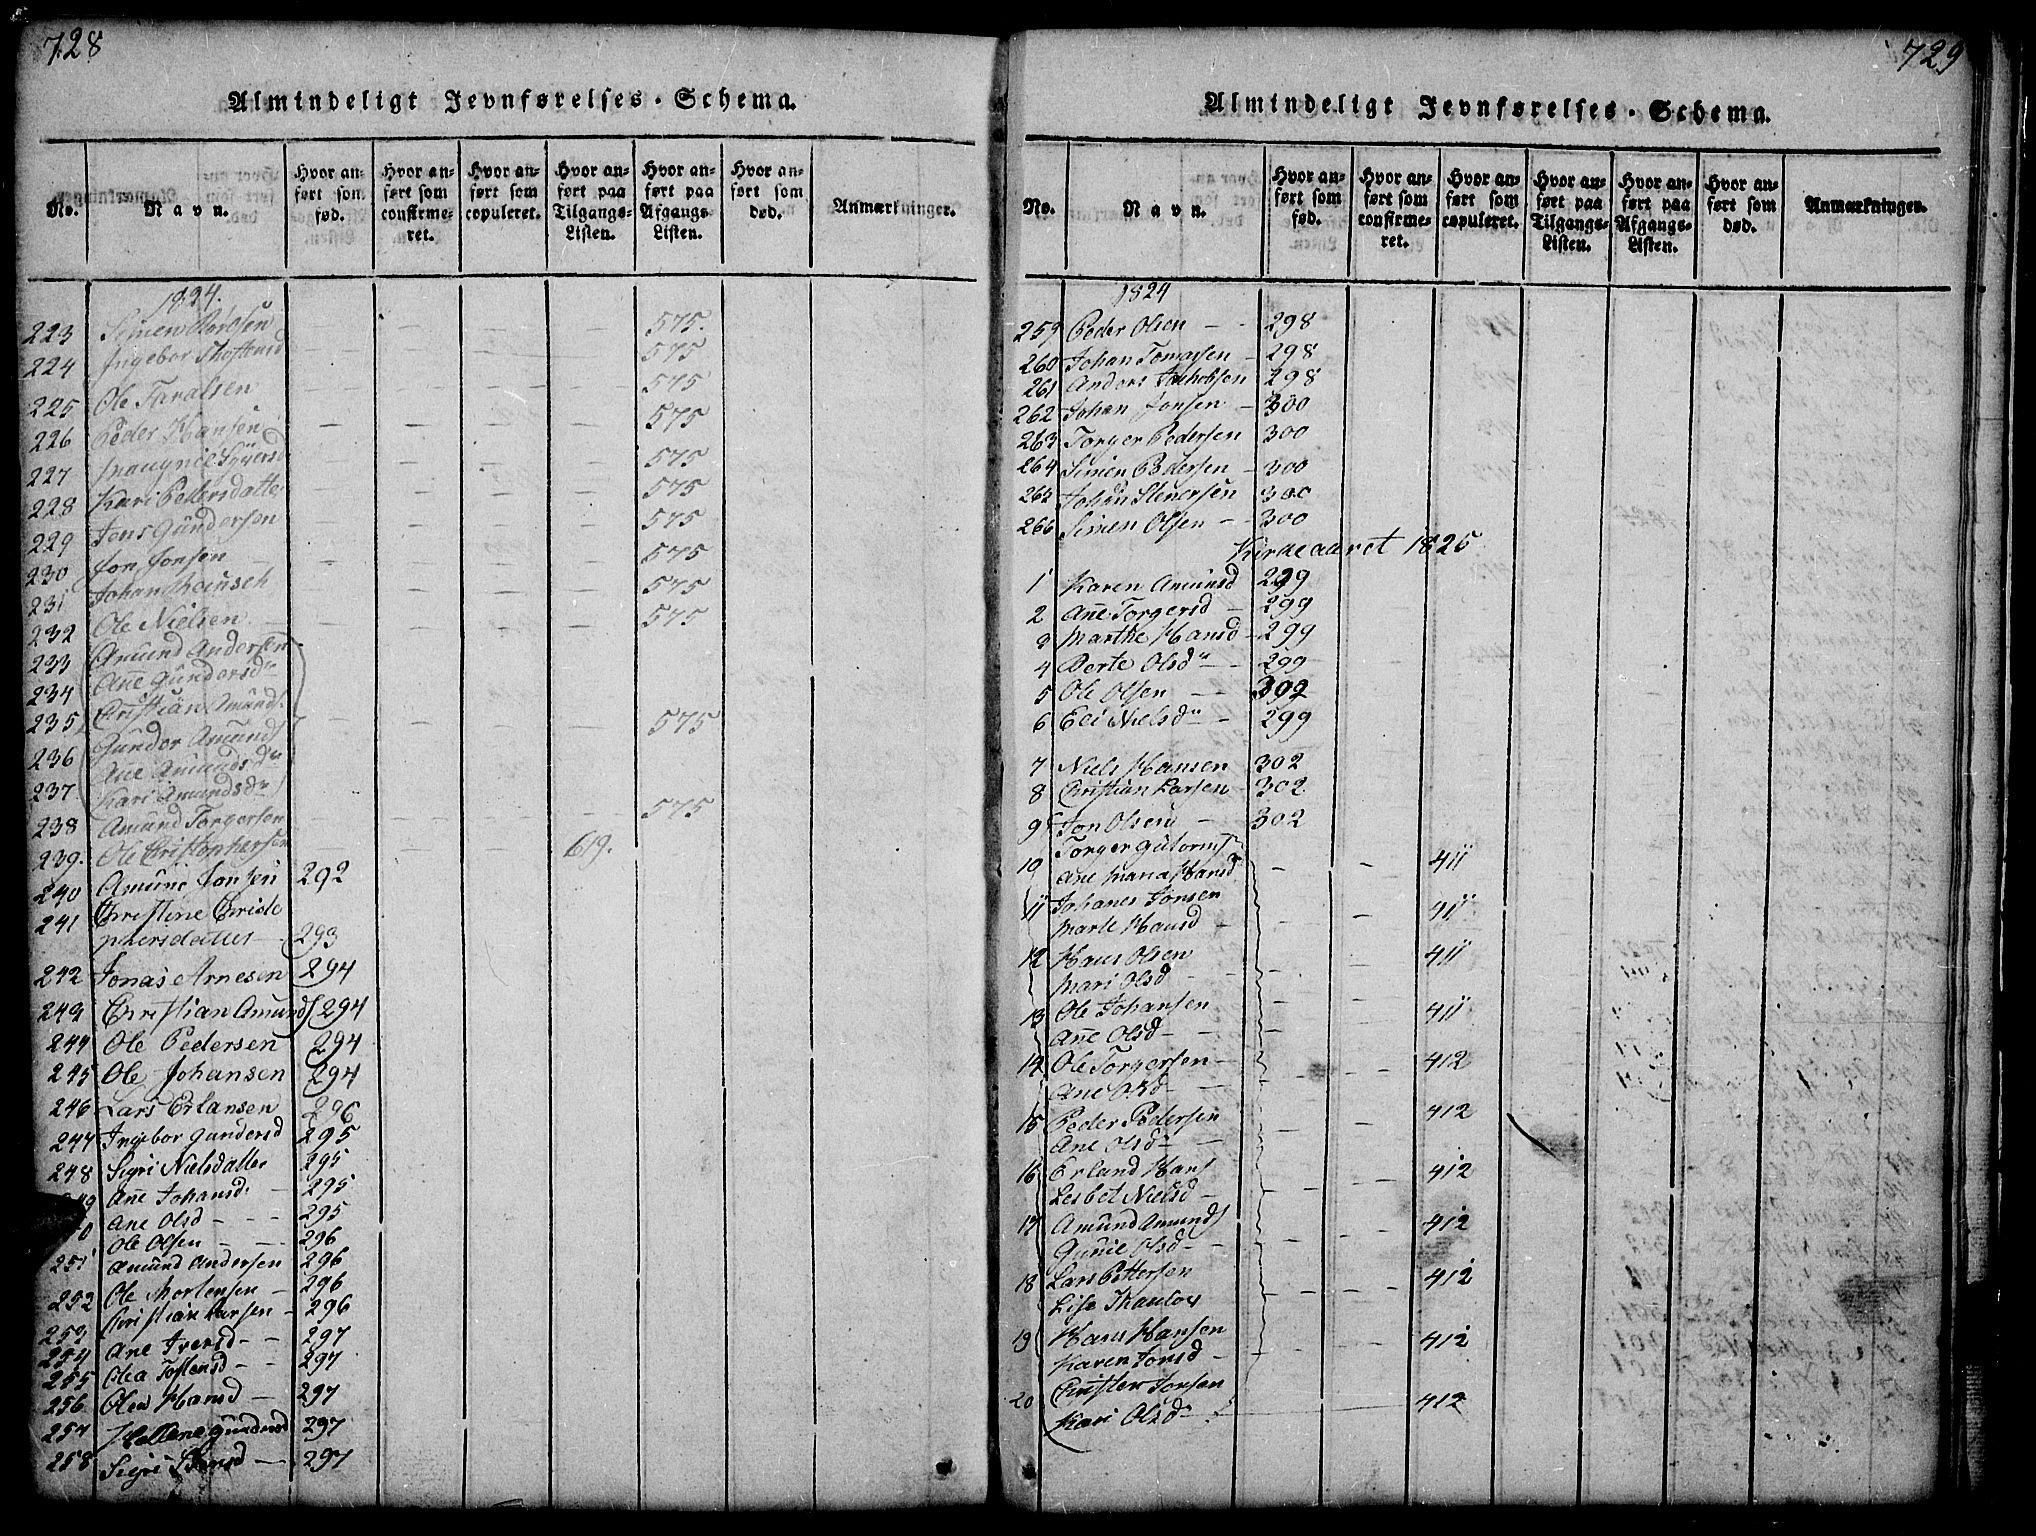 SAH, Gausdal prestekontor, Klokkerbok nr. 1, 1817-1848, s. 728-729